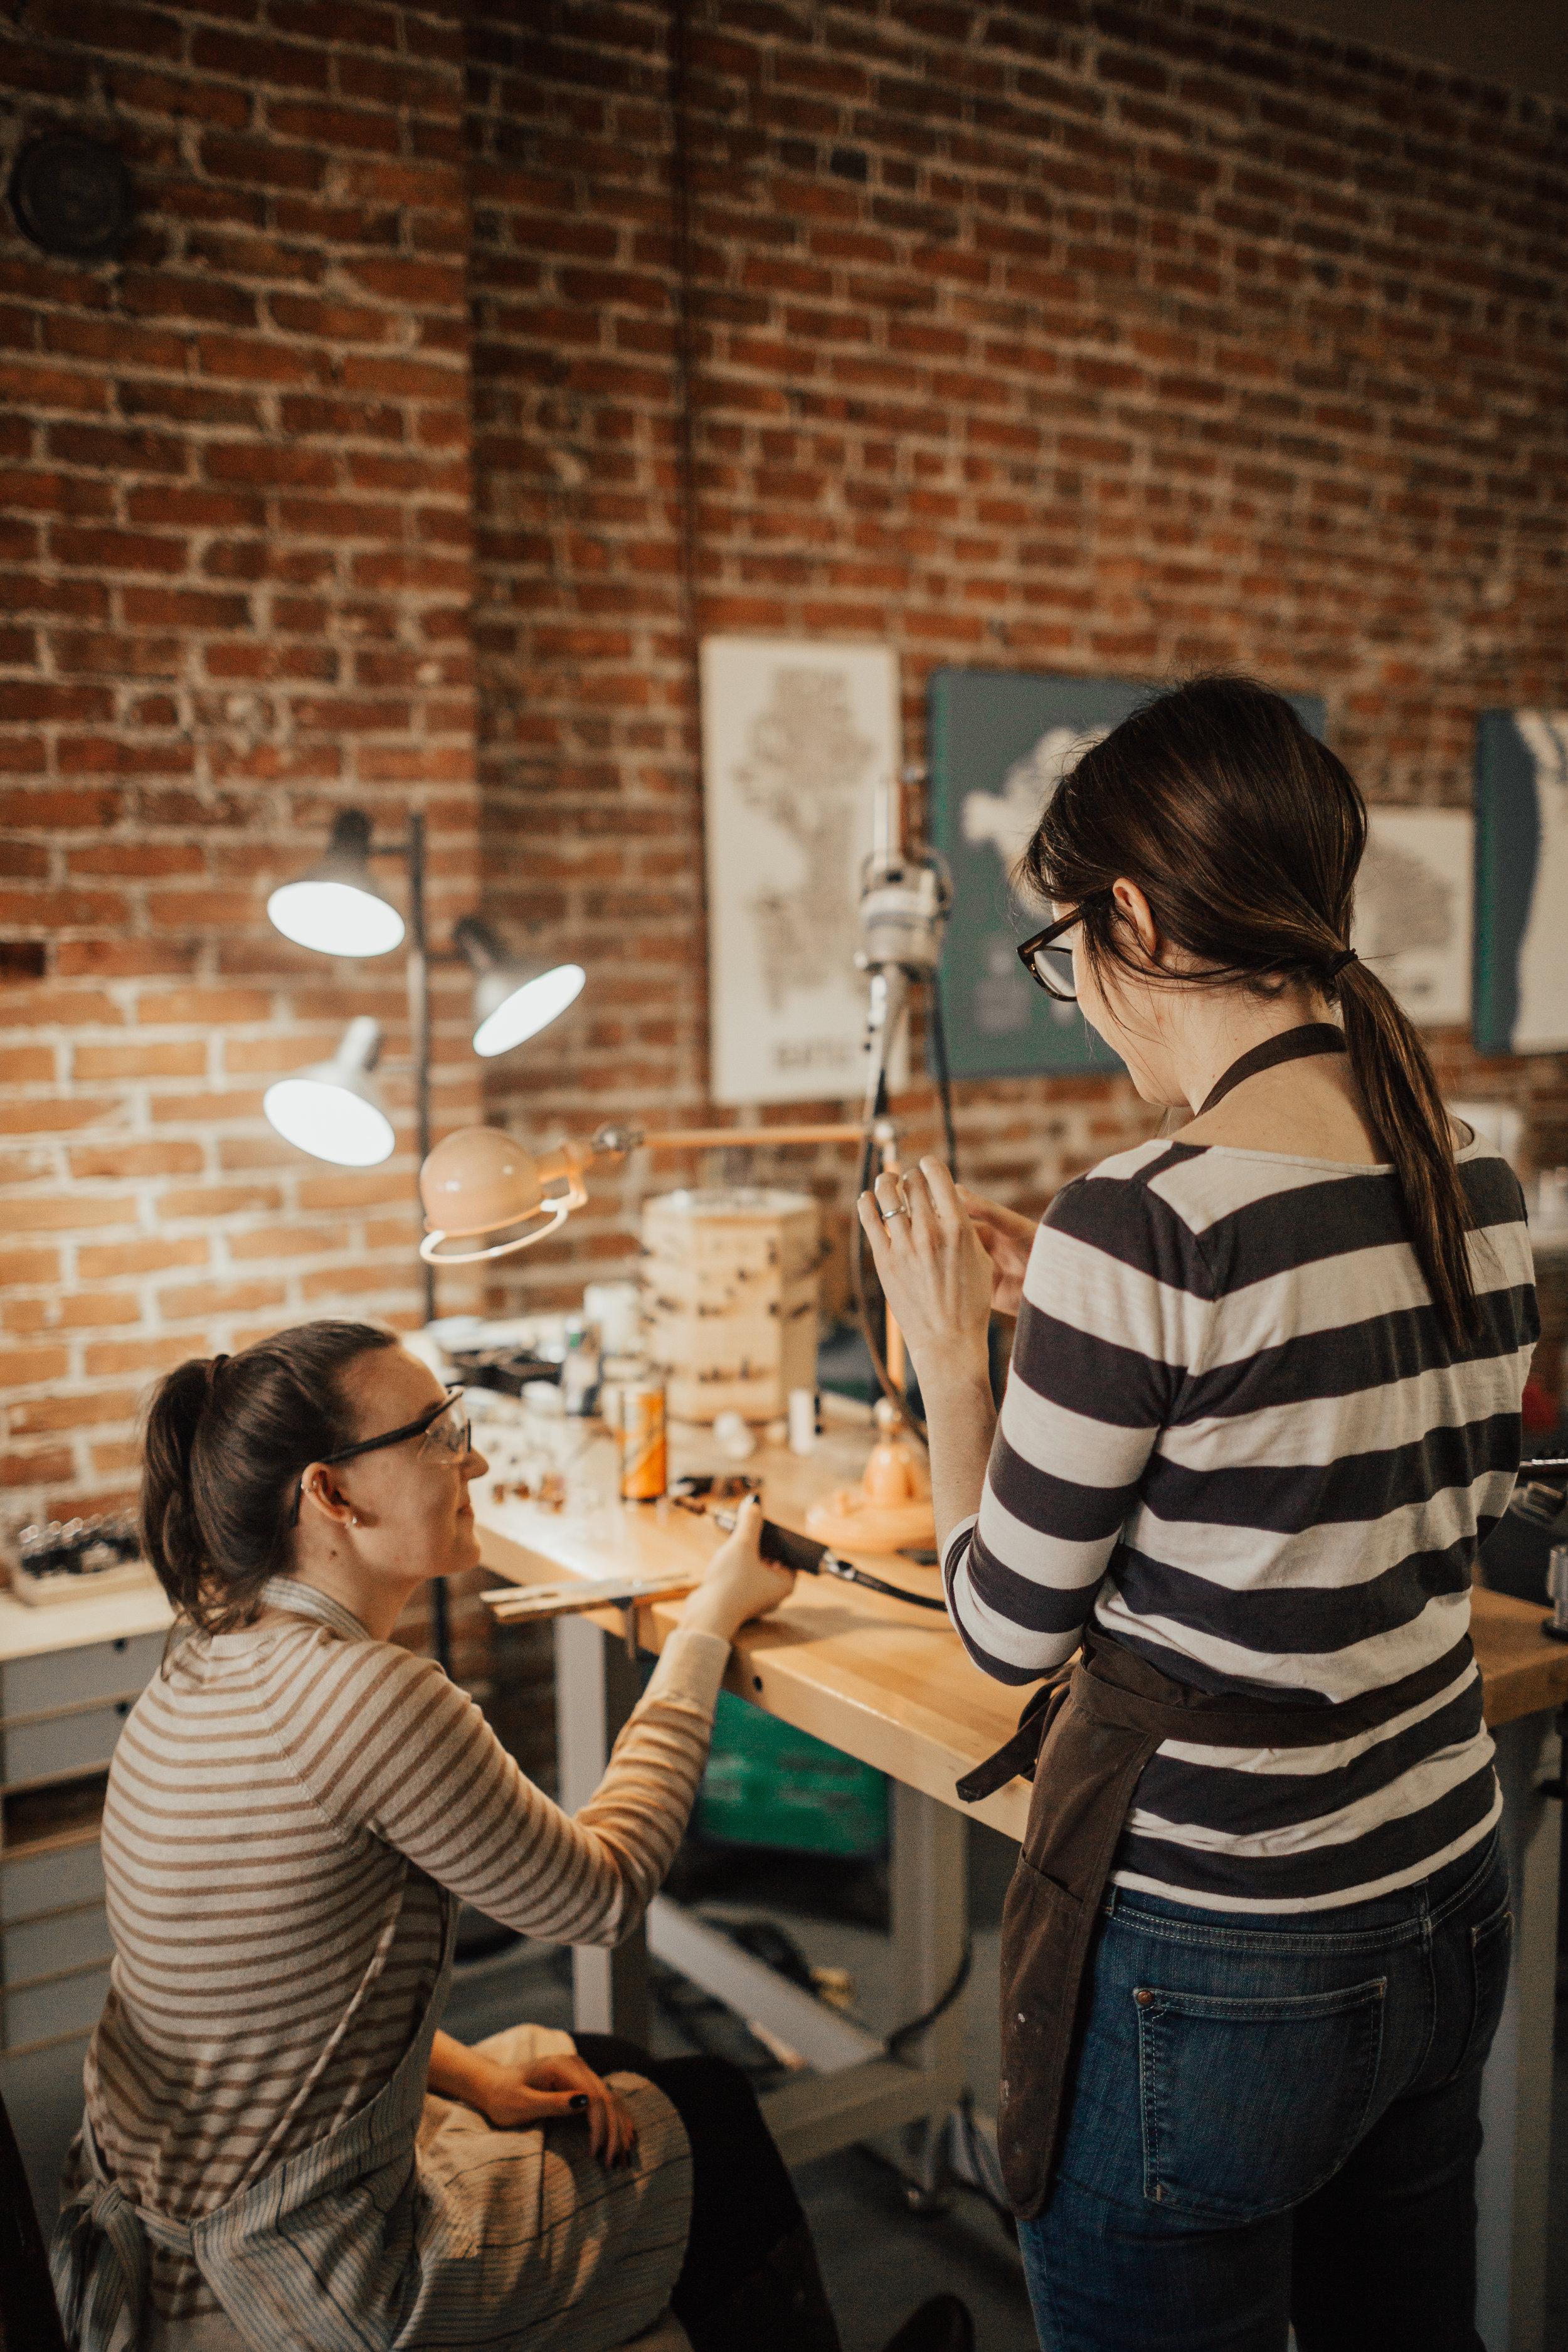 Port Angeles-PNW-Portrait-Photographer-PNW Photographer-Sequim-Port Angeles Washington-Portraiture-Kayla Dawn Photography-kayladawnphoto-engaged-engagement-Olympic Peninsula-11.jpg